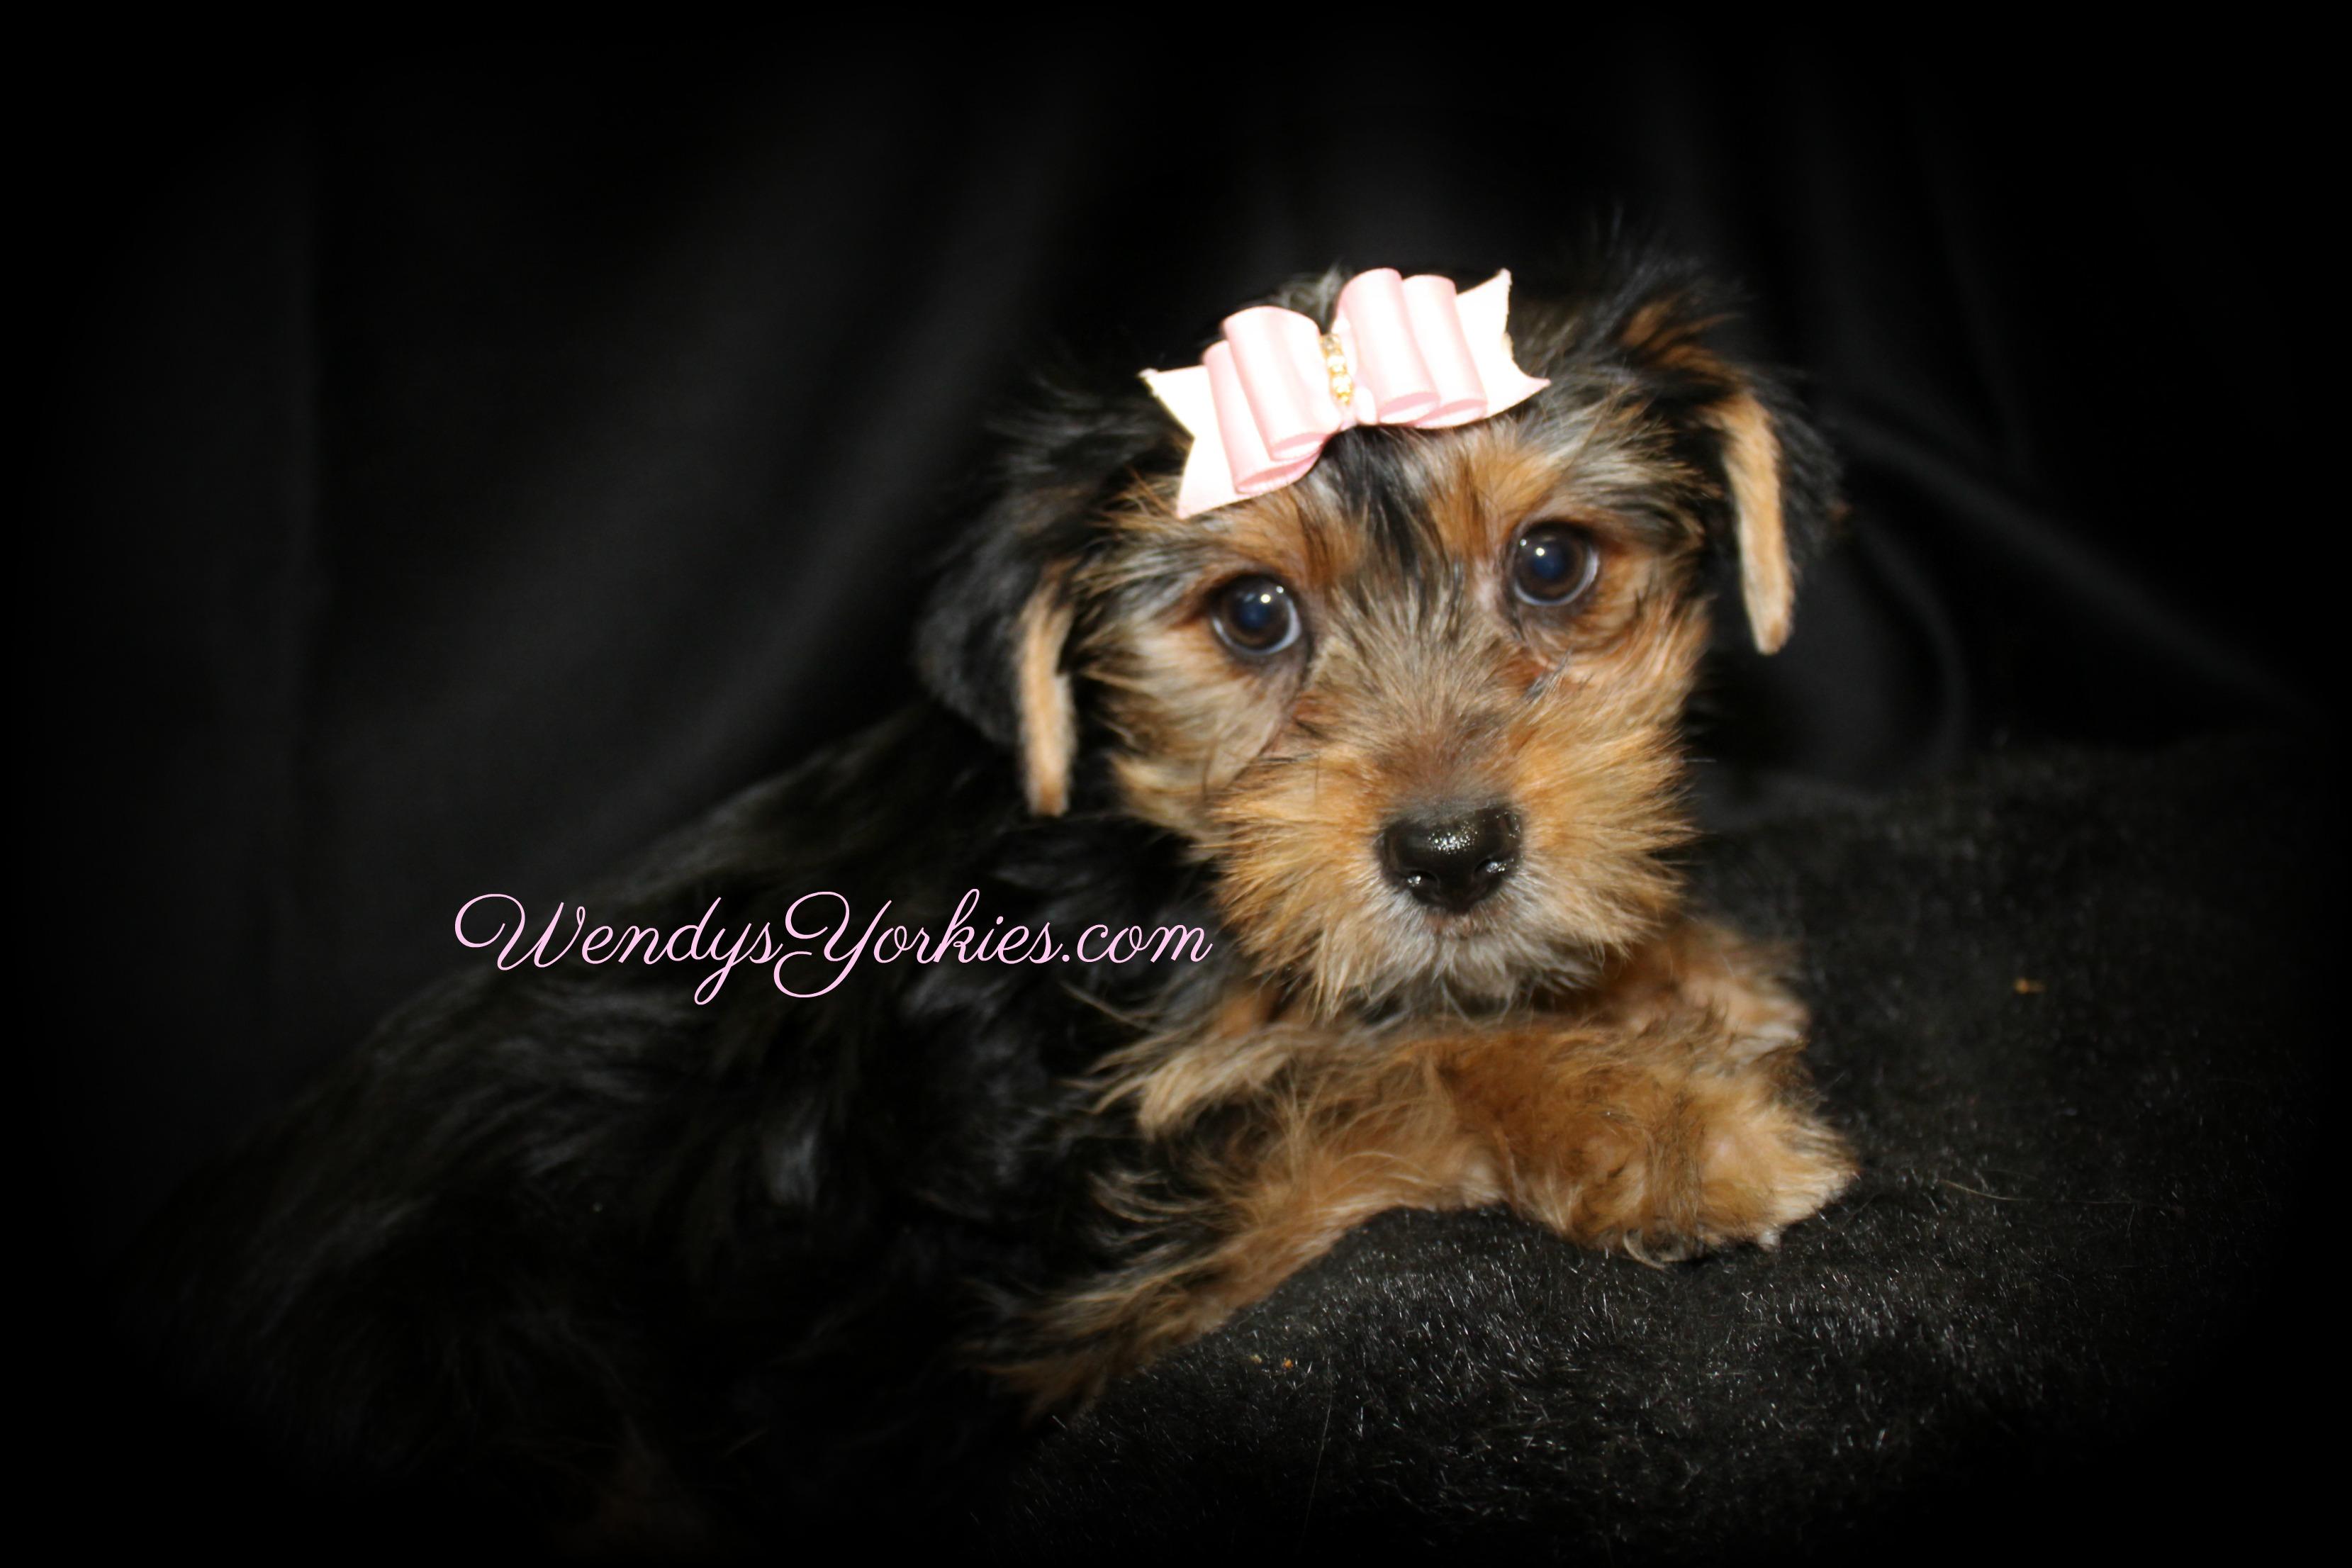 Standard Yorkie puppies for sale, WendysYorkies.com